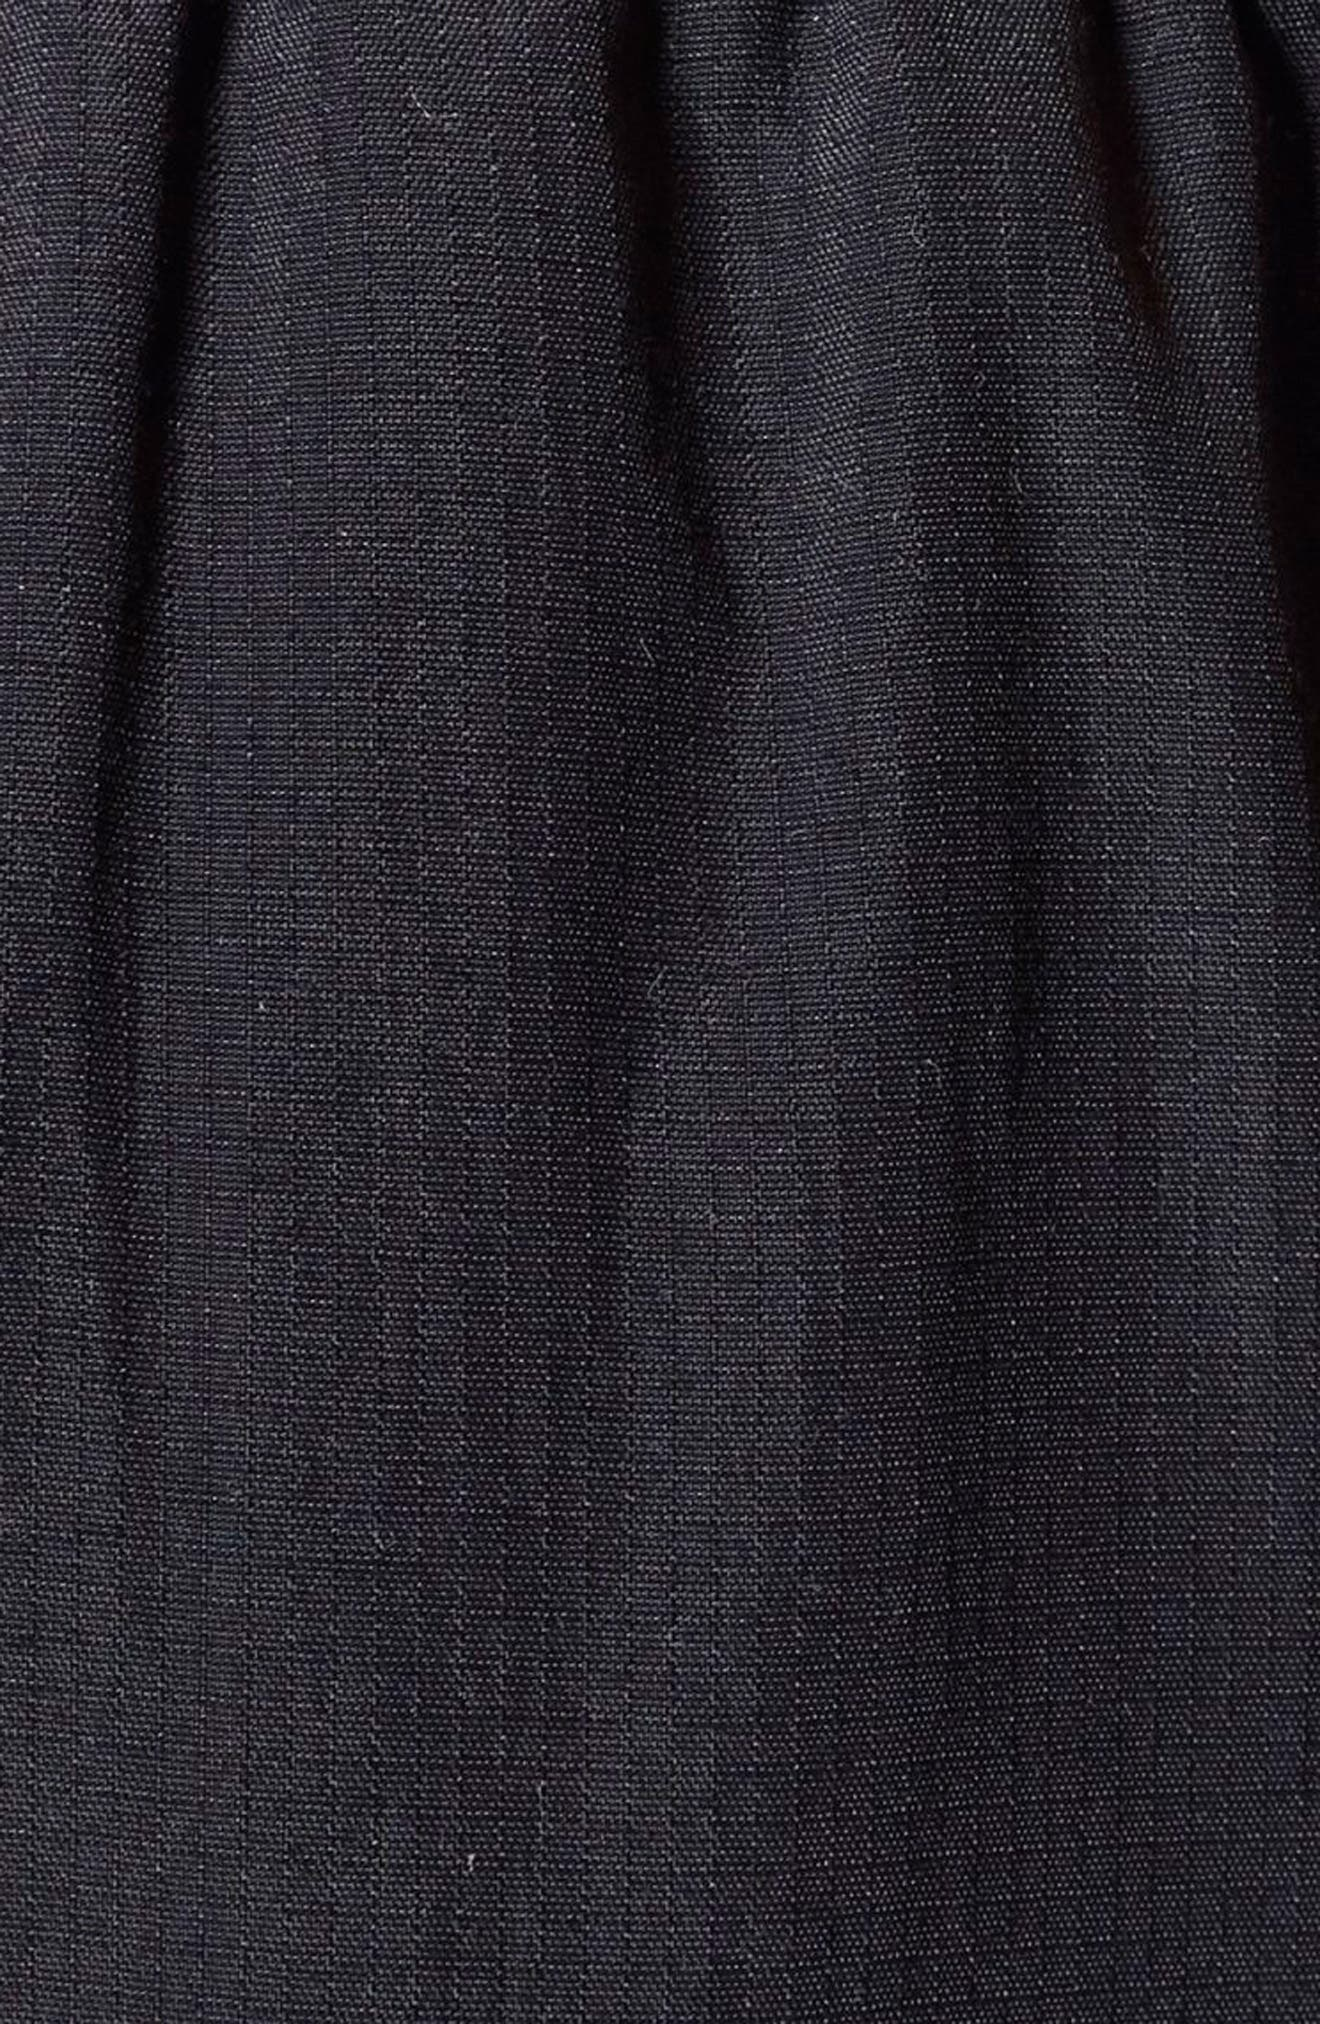 Originals Long Culottes,                             Alternate thumbnail 6, color,                             Black